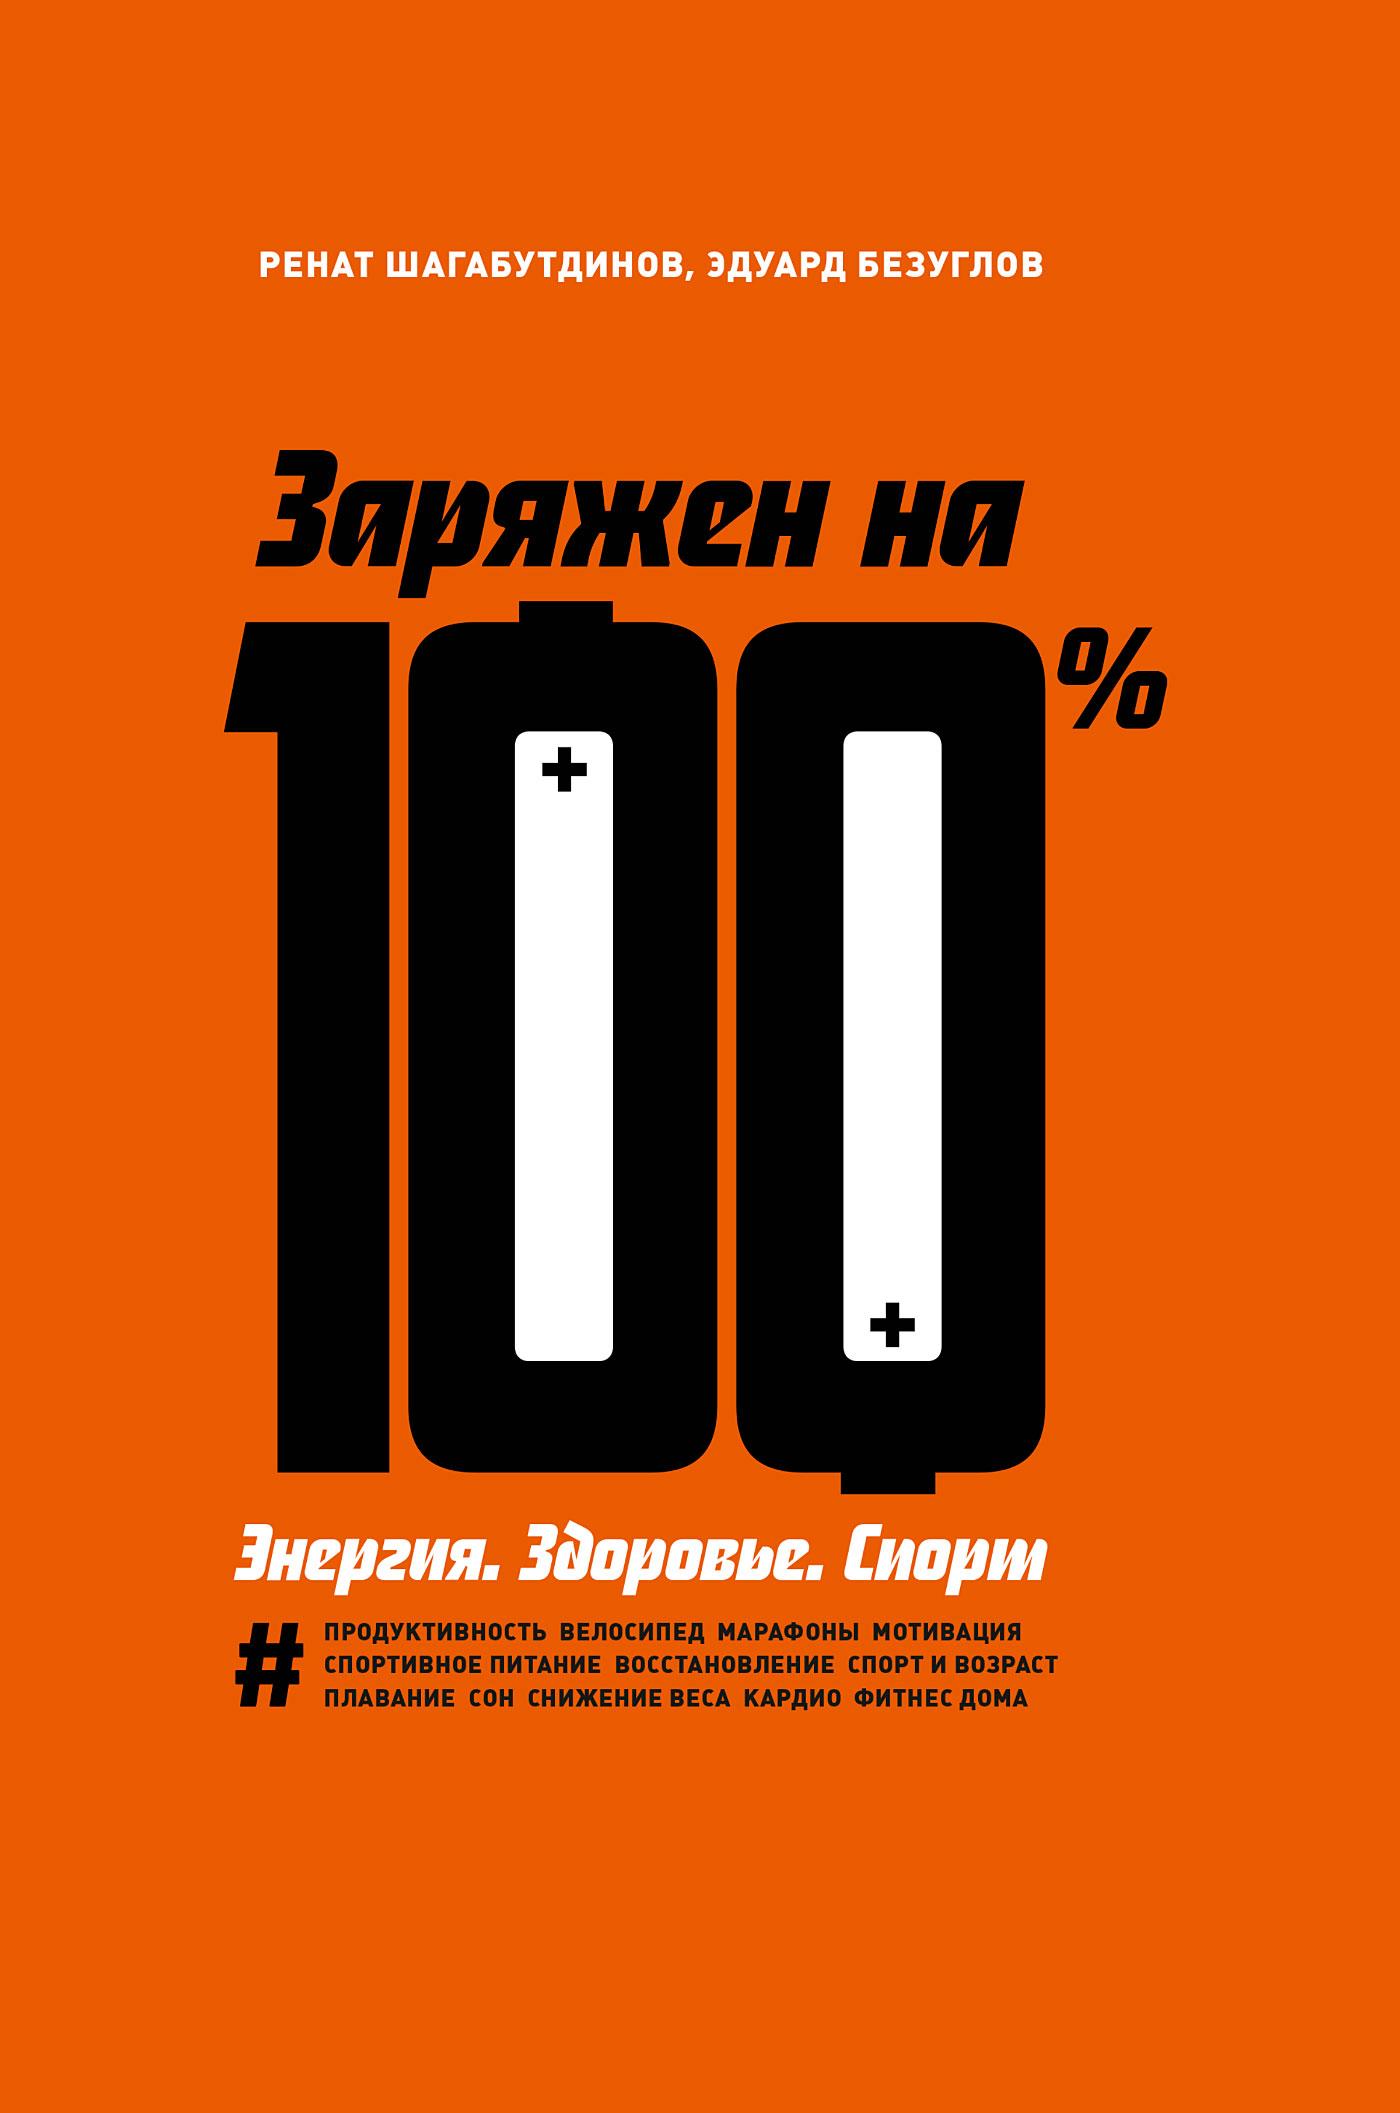 Ренат Шагабутдинов, Эдуард Безуглов «Заряжен на 100 %. Энергия. Здоровье. Спорт»